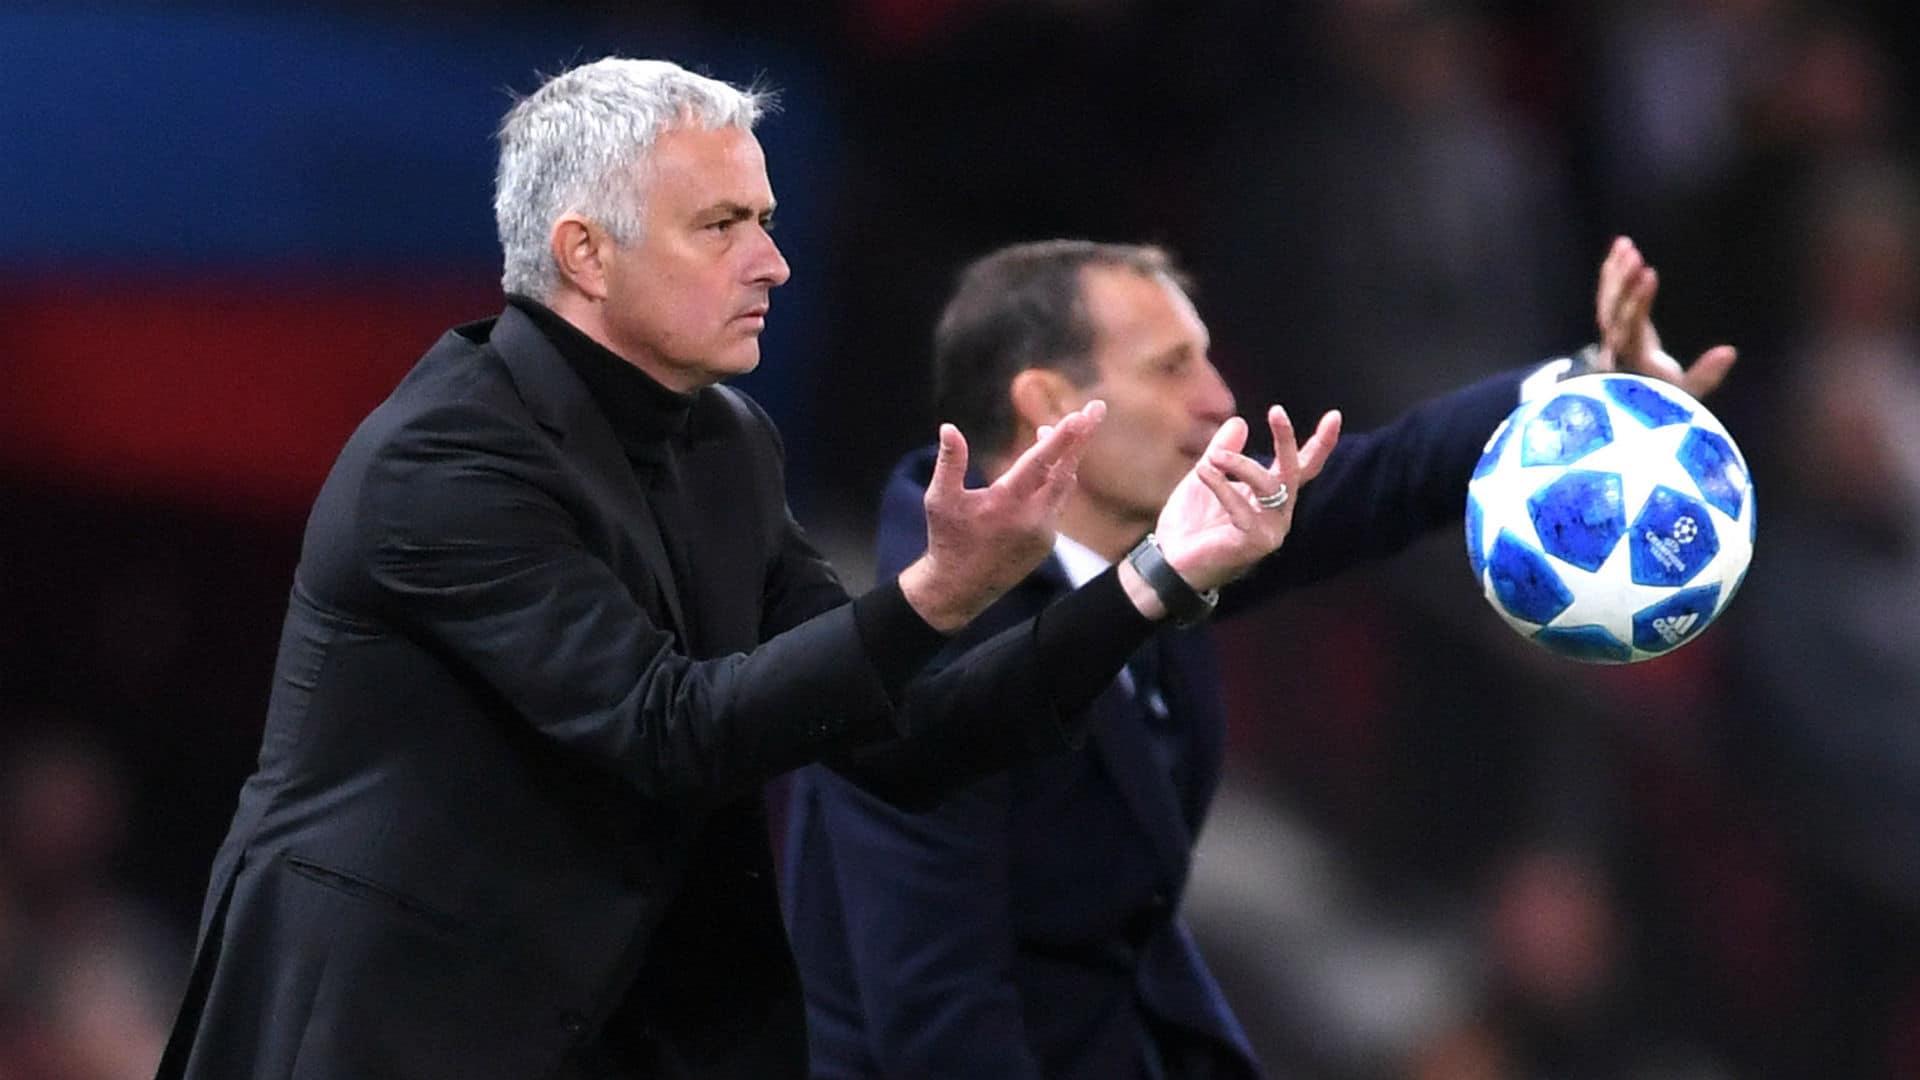 المدرب جوزيه مورينيو وأليغري في الدوري الإيطالي